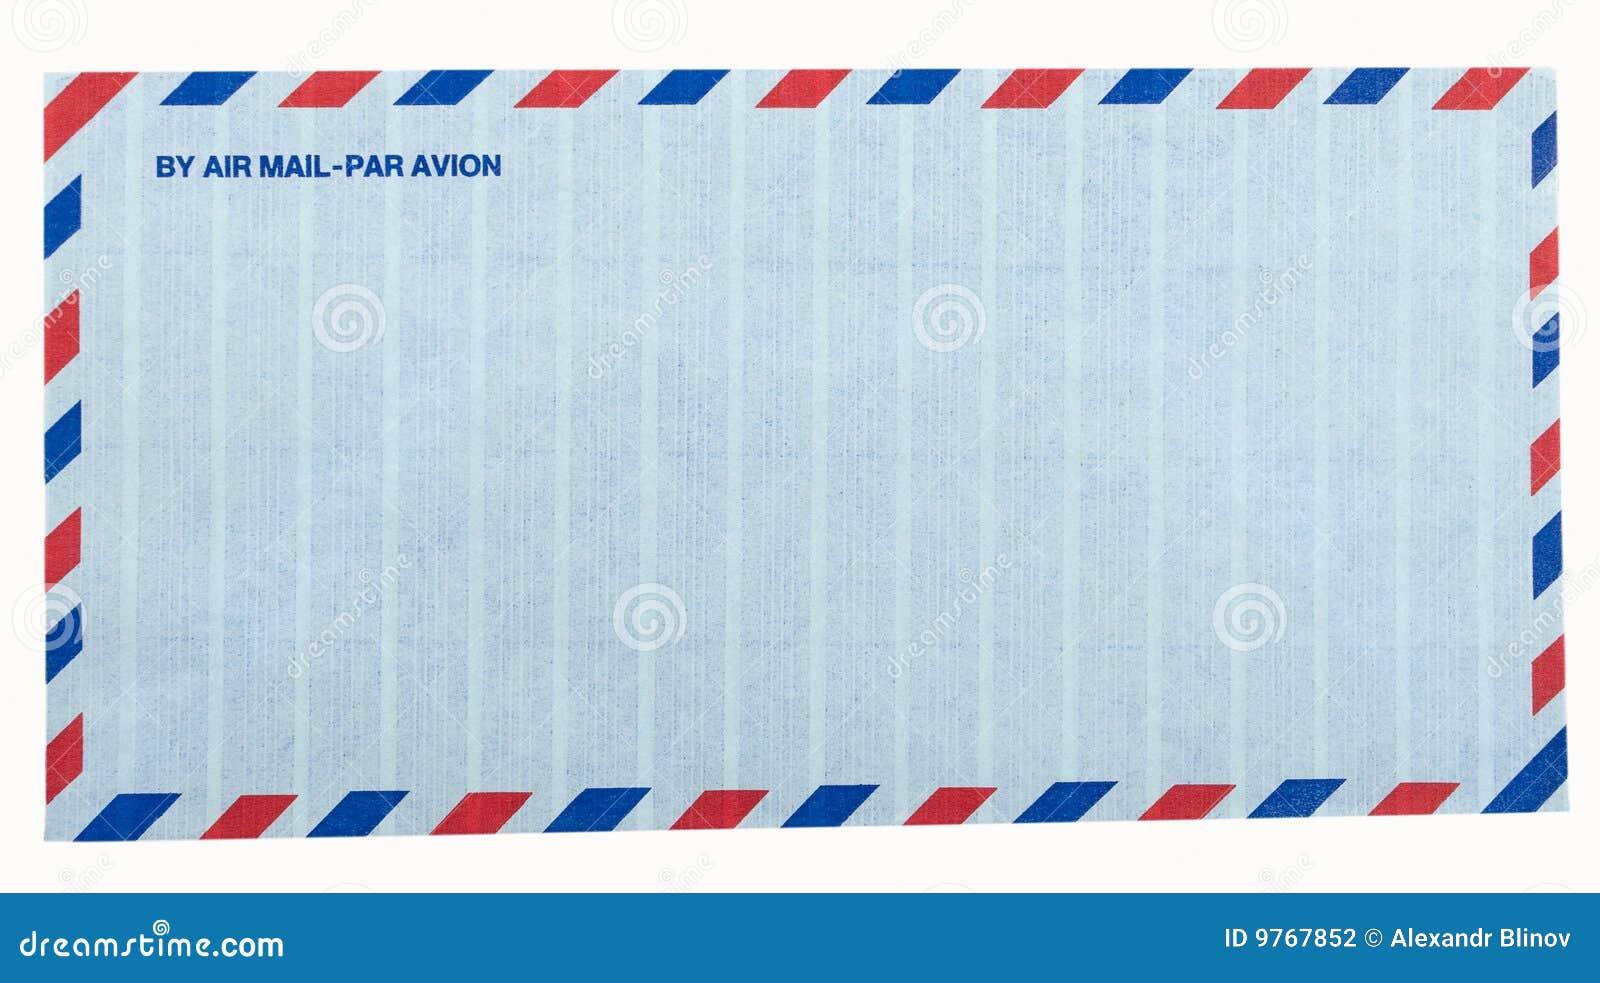 de-envelop-van-de-luchtpostbrief-9767852.jpg